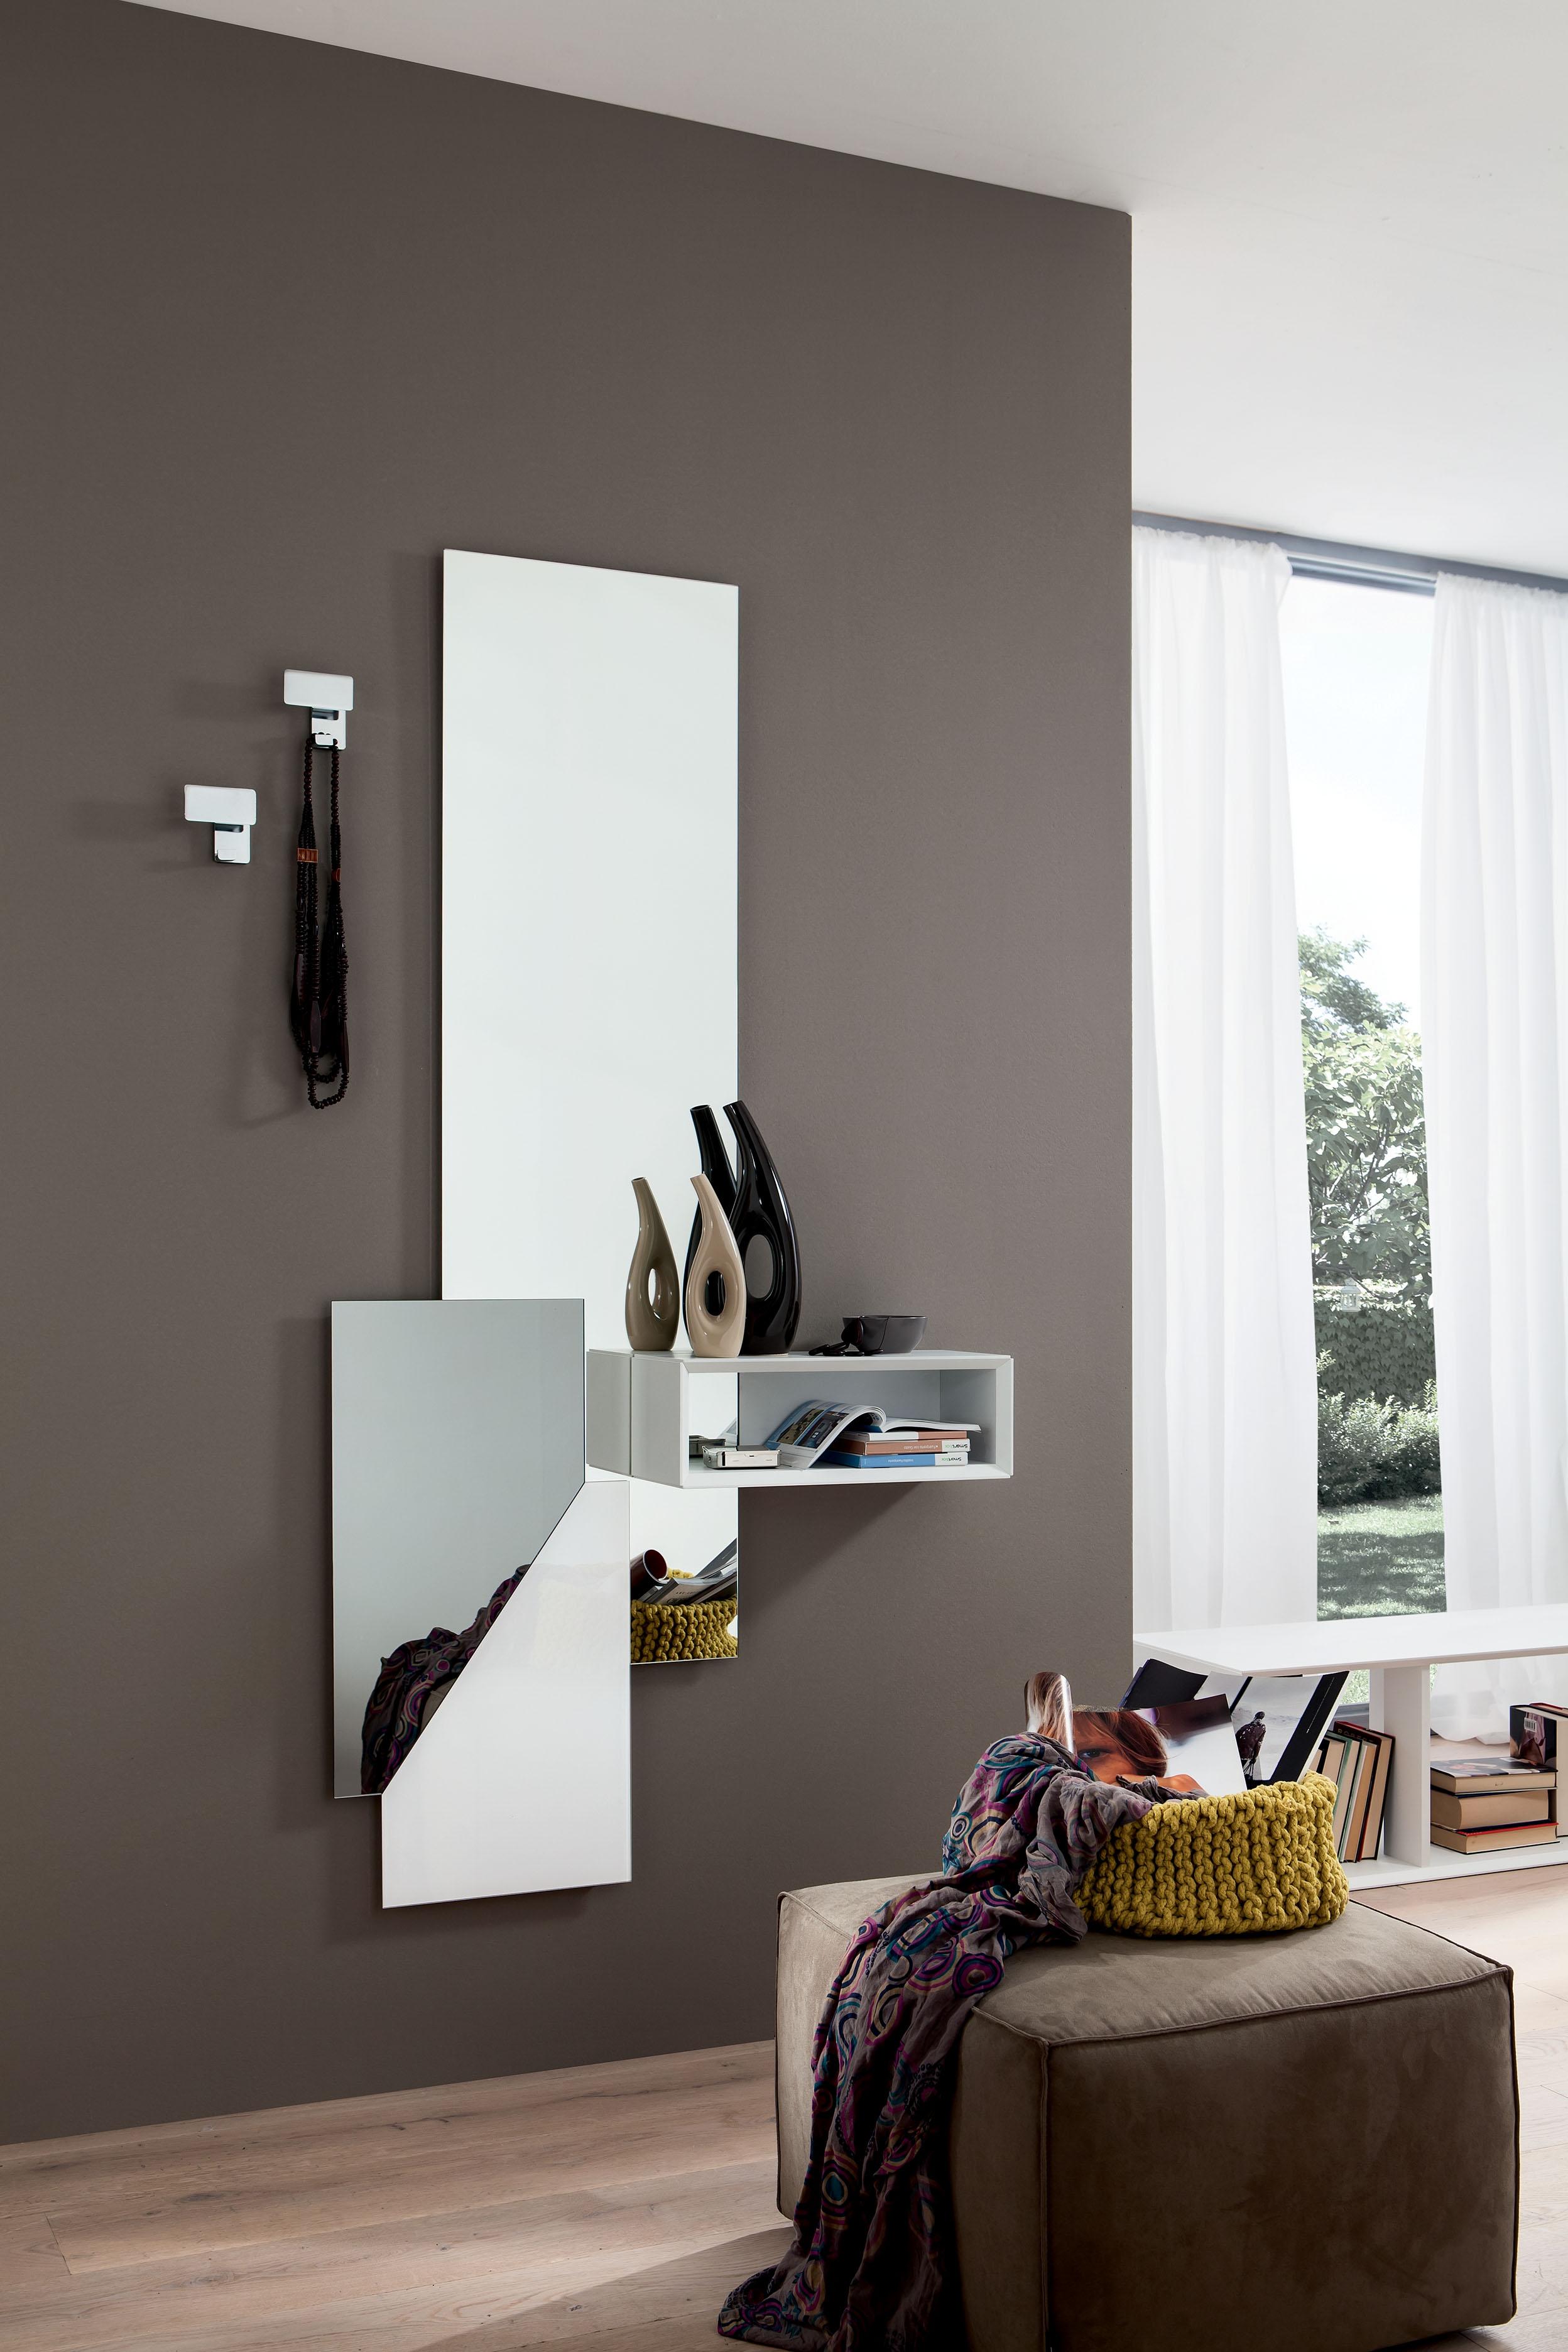 Specchiera ingresso appendiabiti con mensole design salotto ...